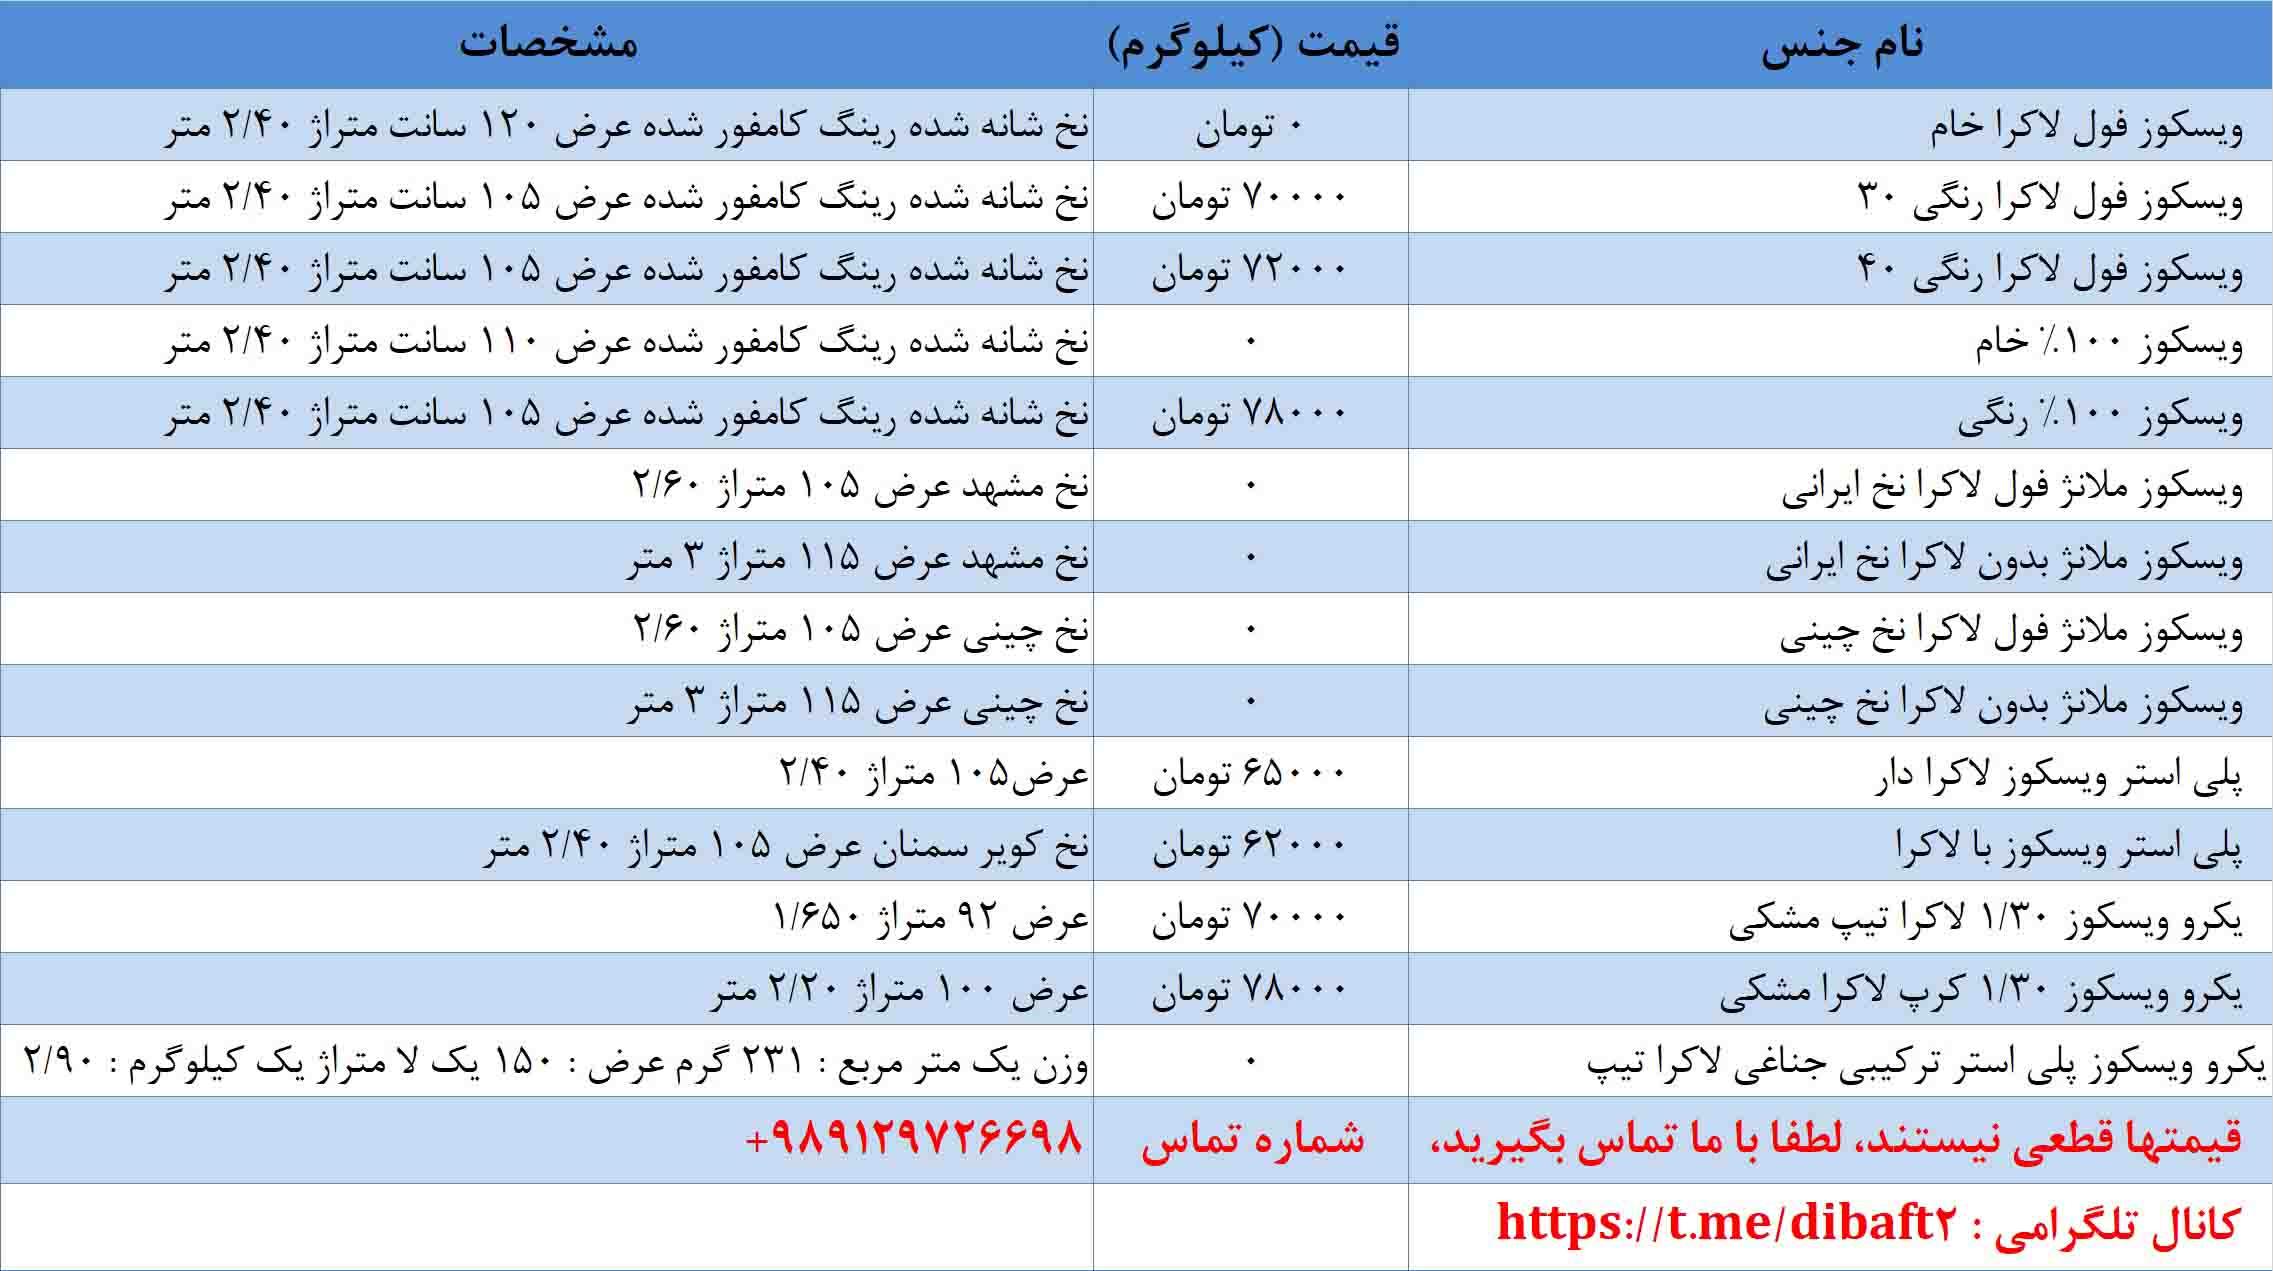 لیست قیمت پارچه ویسکوز